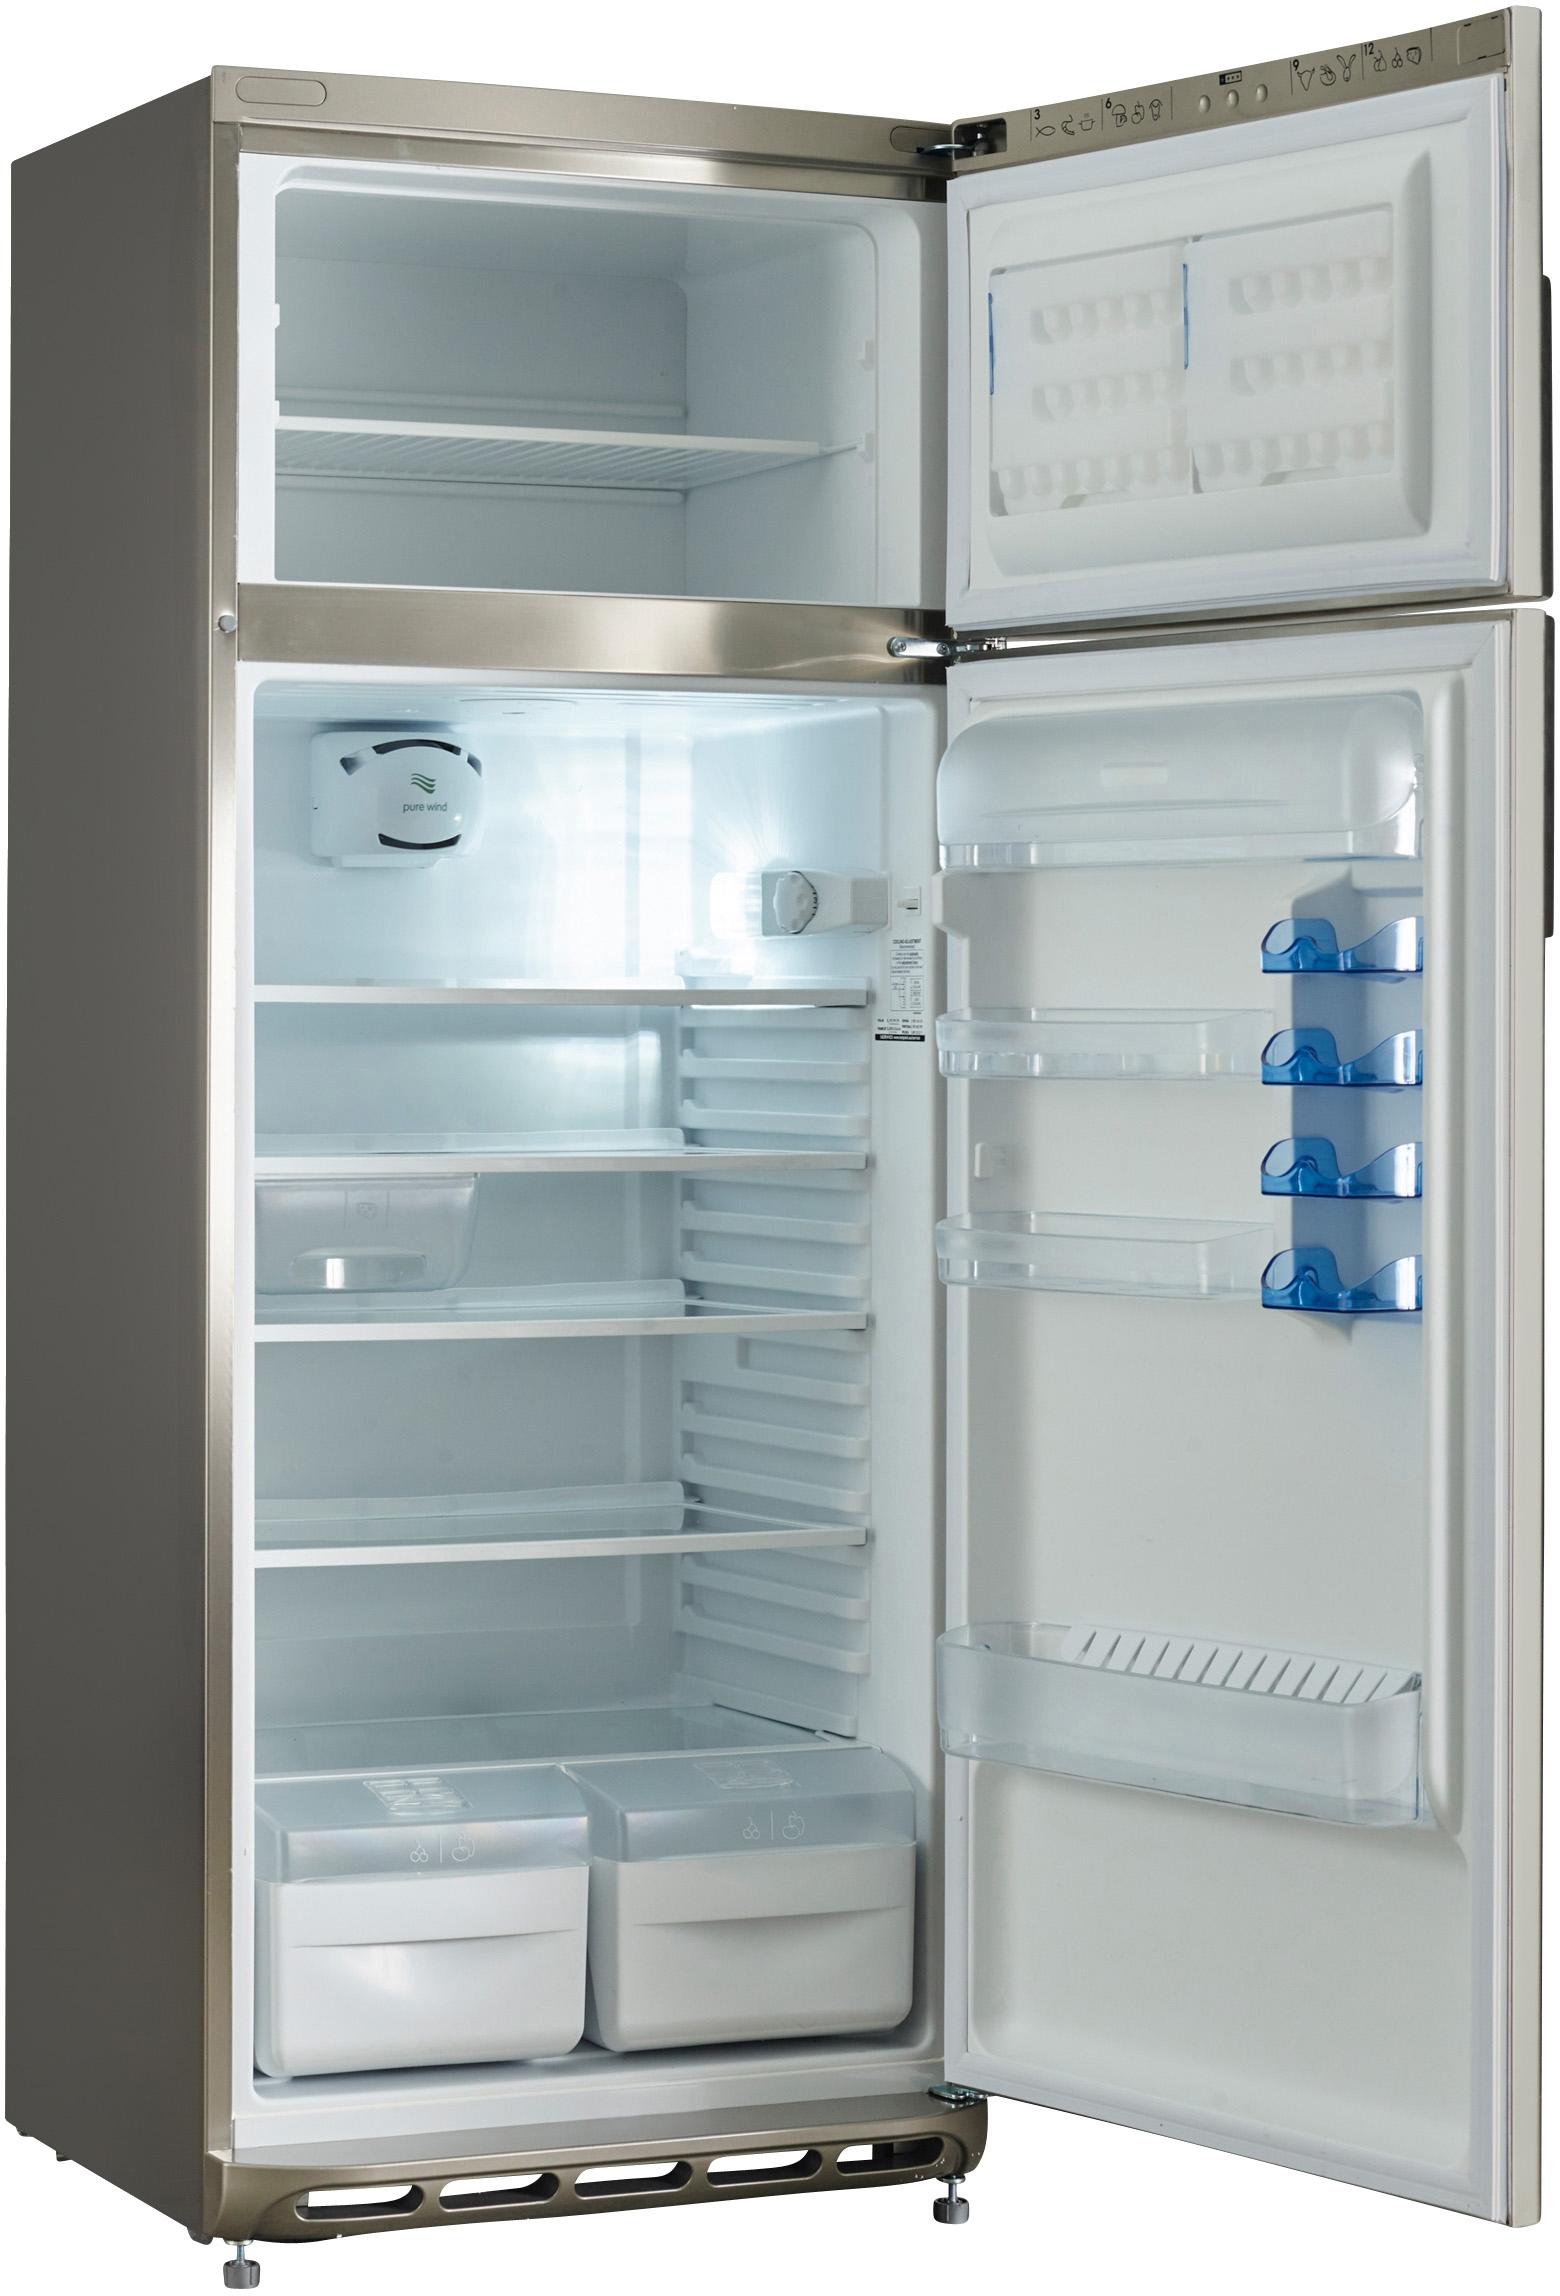 I dettagli del test archiviato sui frigoriferi | Altroconsumo